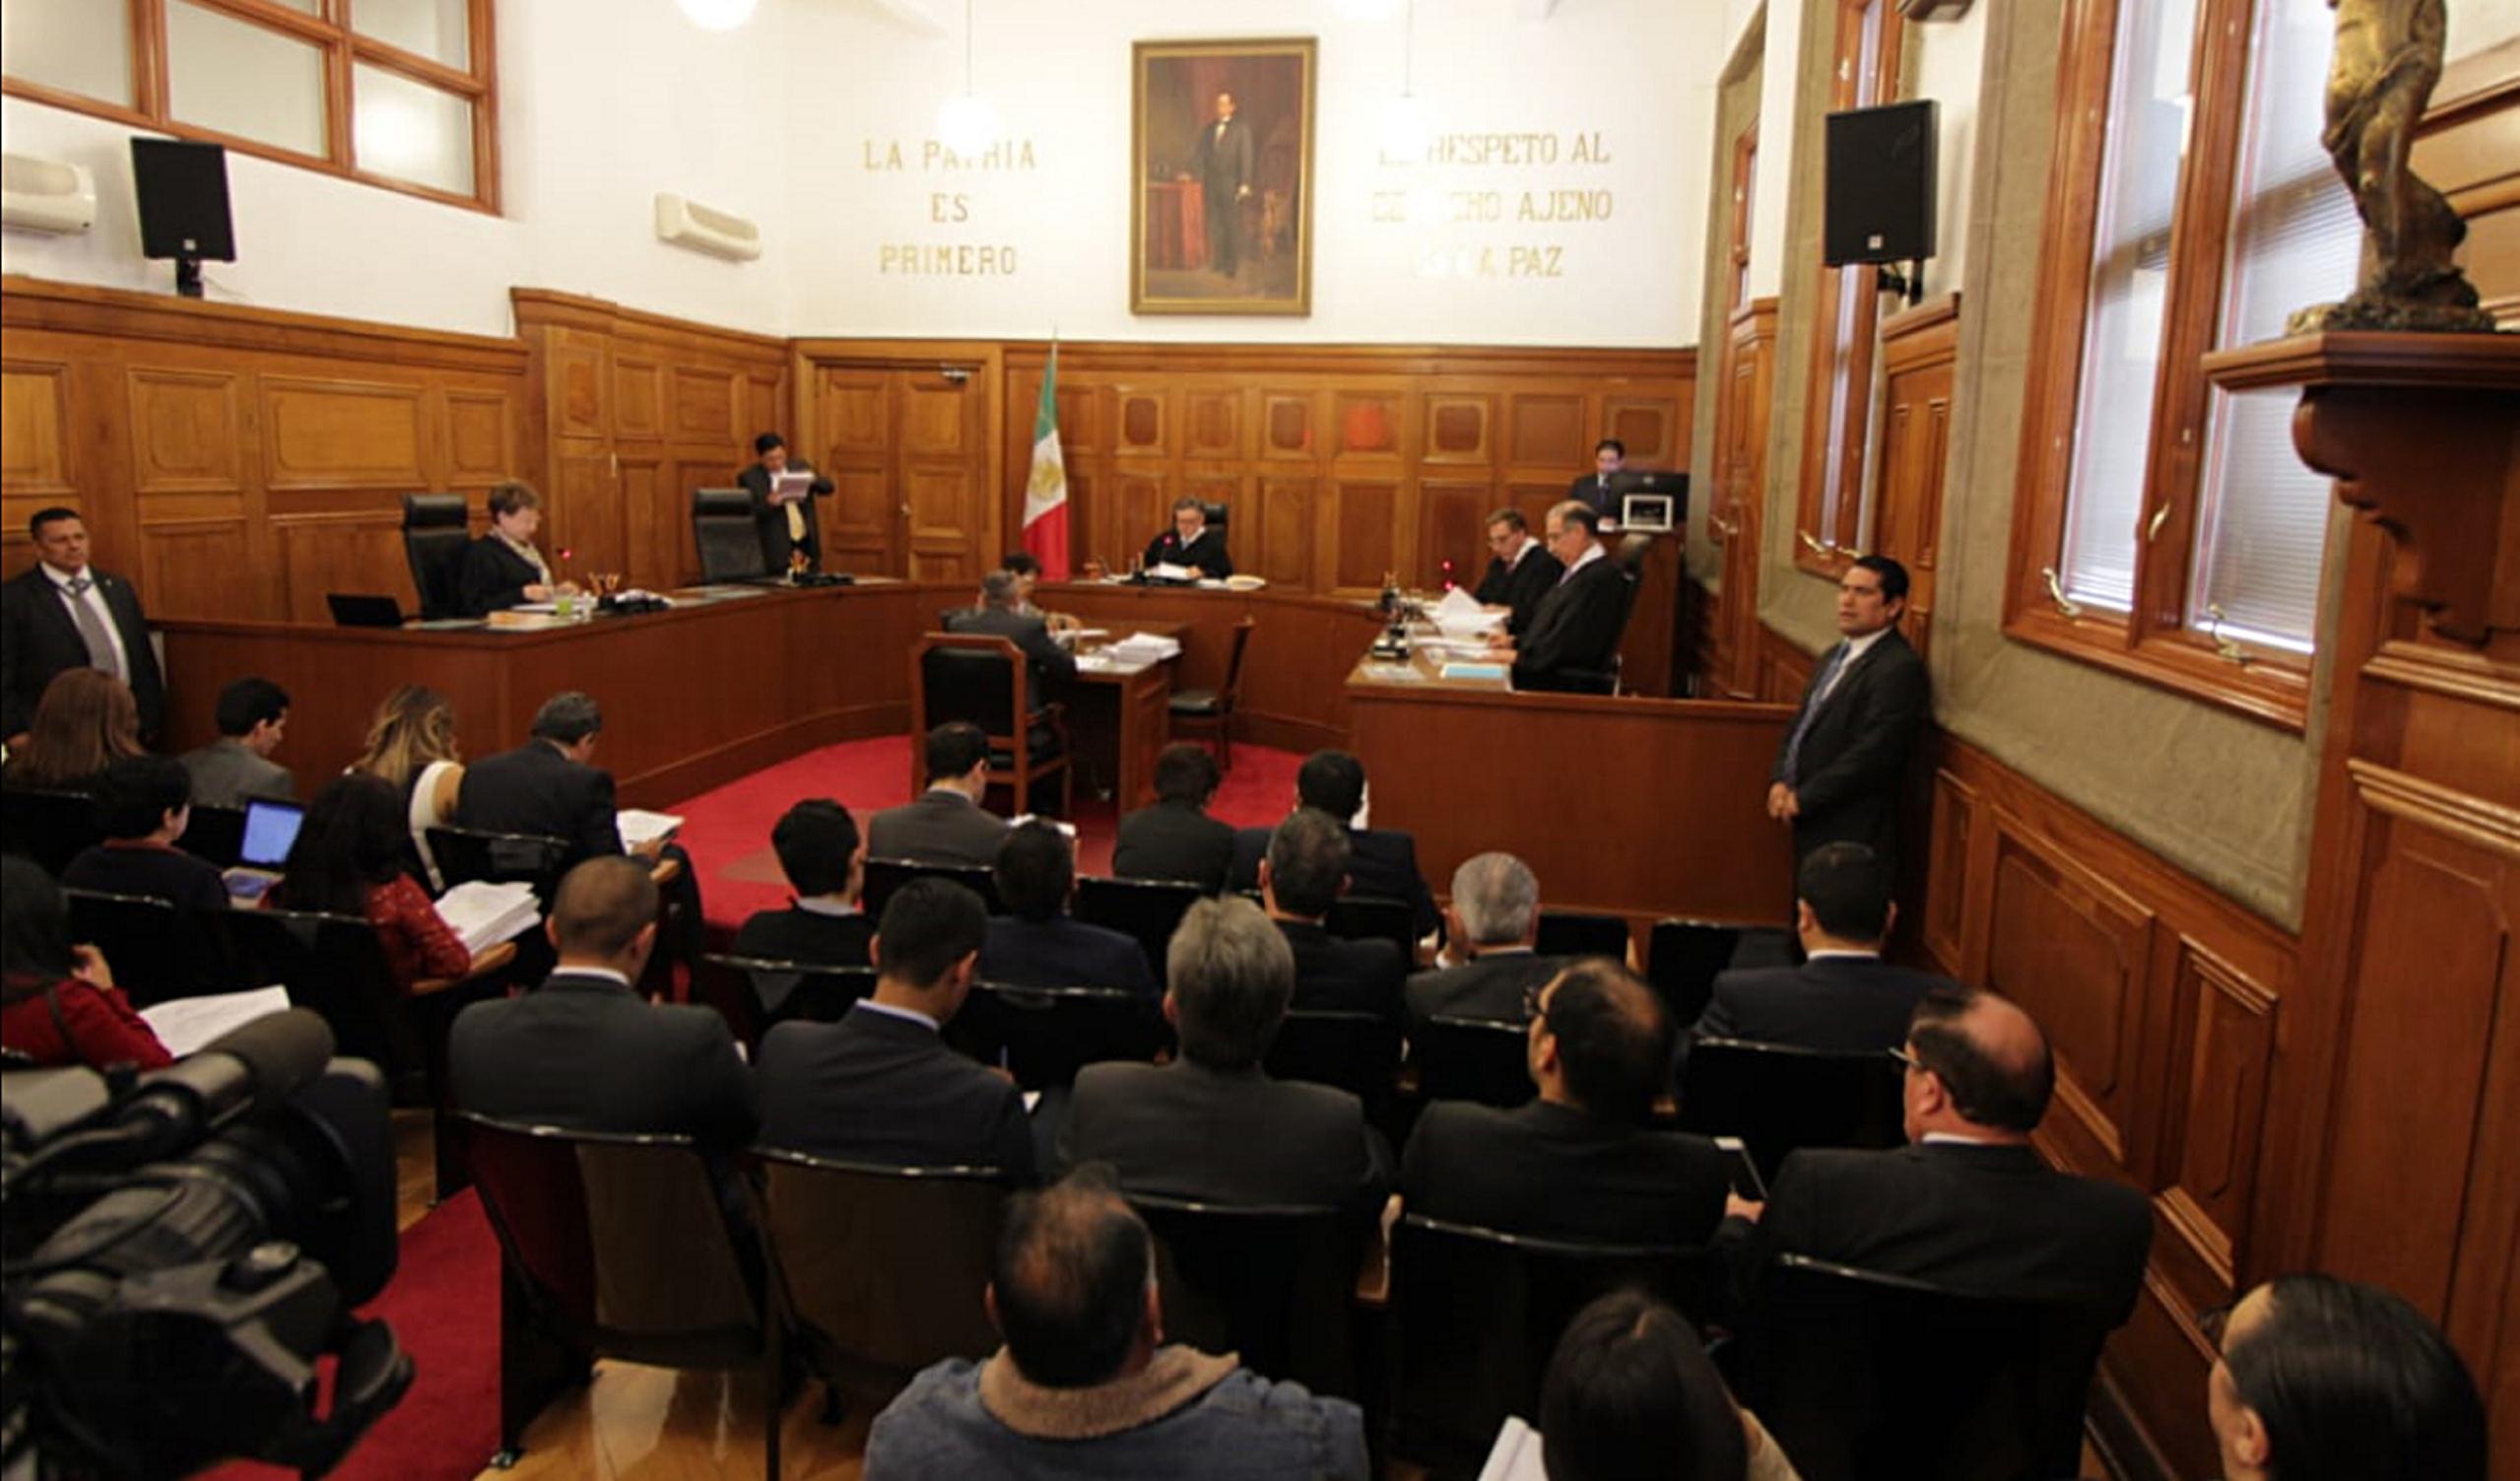 Van cuatro ministros por presidencia de la SCJN, fideicomisos